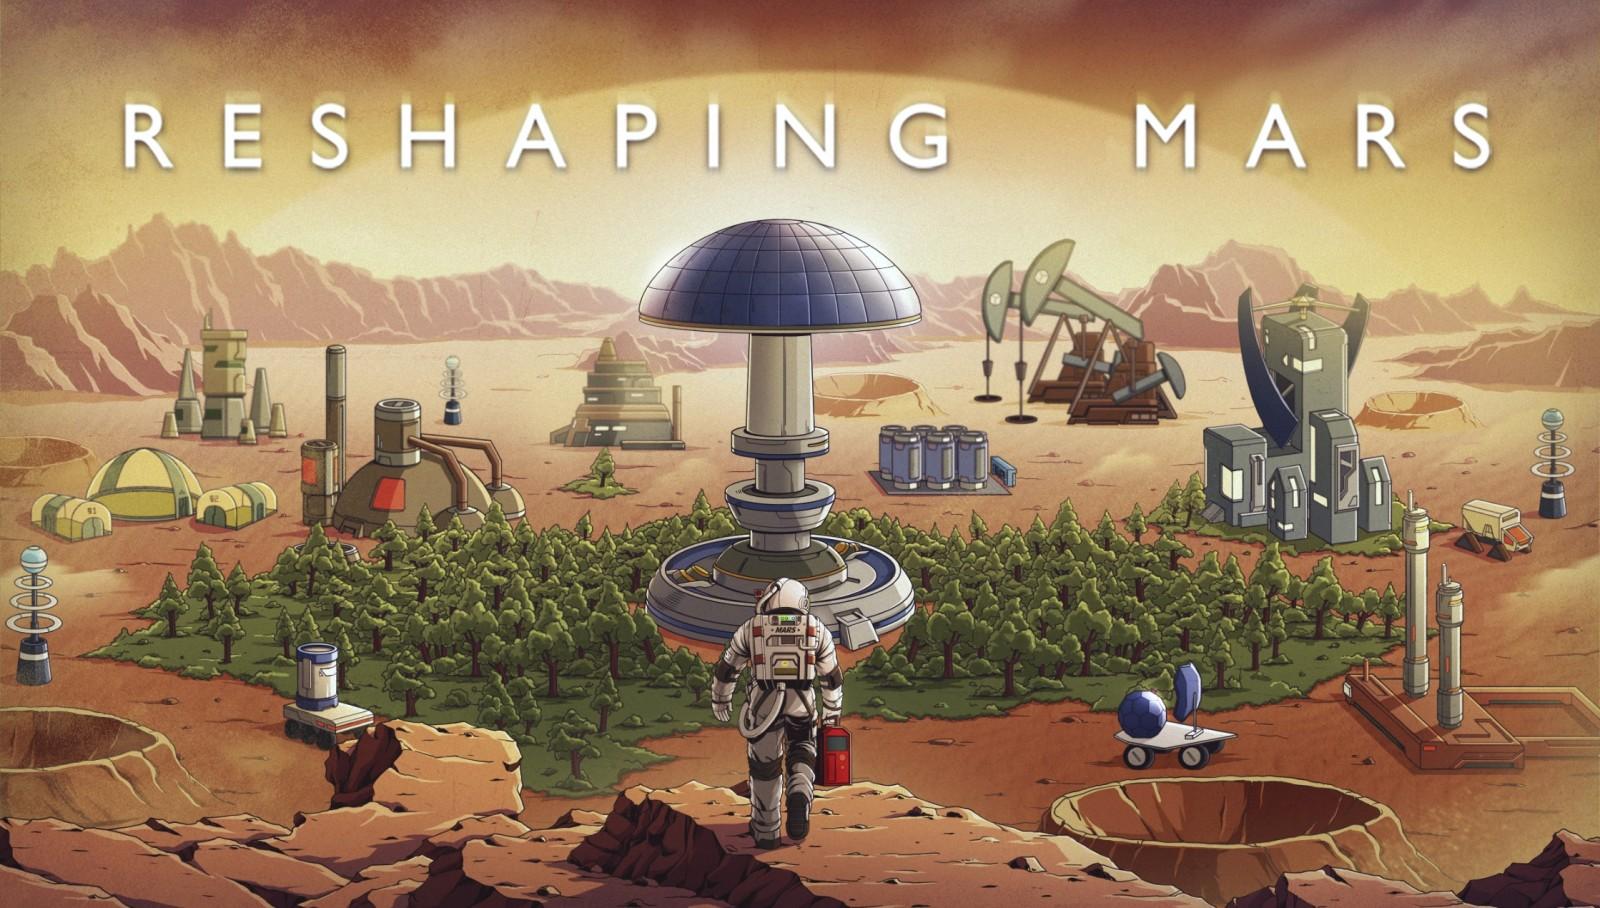 Reshaping Mars: Construye tu propia colonia en Marte en este juego desarrollado por una sola persona